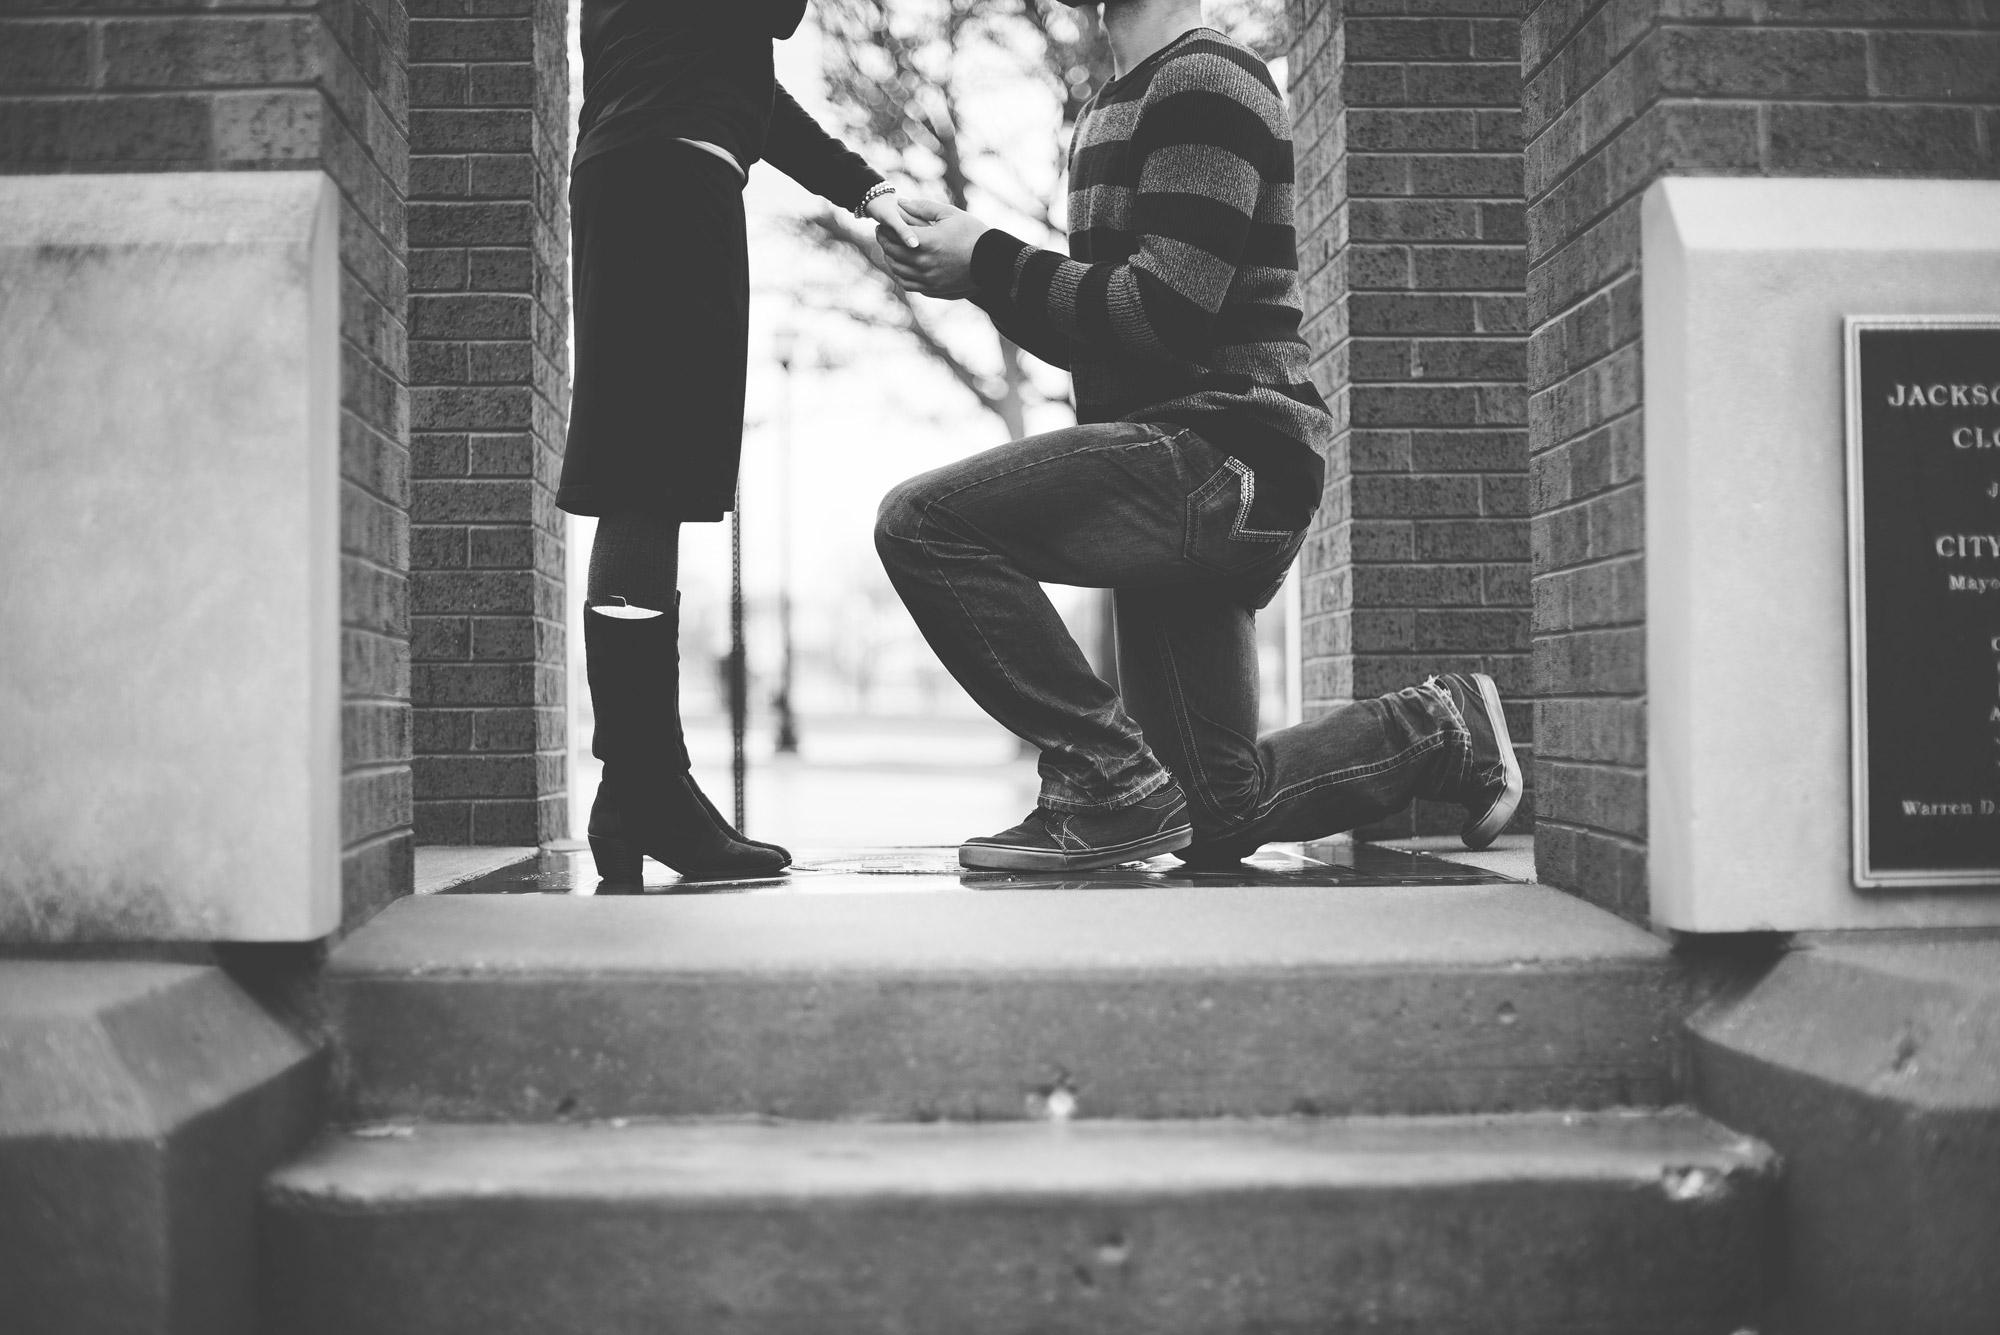 Couple en pleine demande en mariage originale, avec le fiancé agenouillé dans la rue